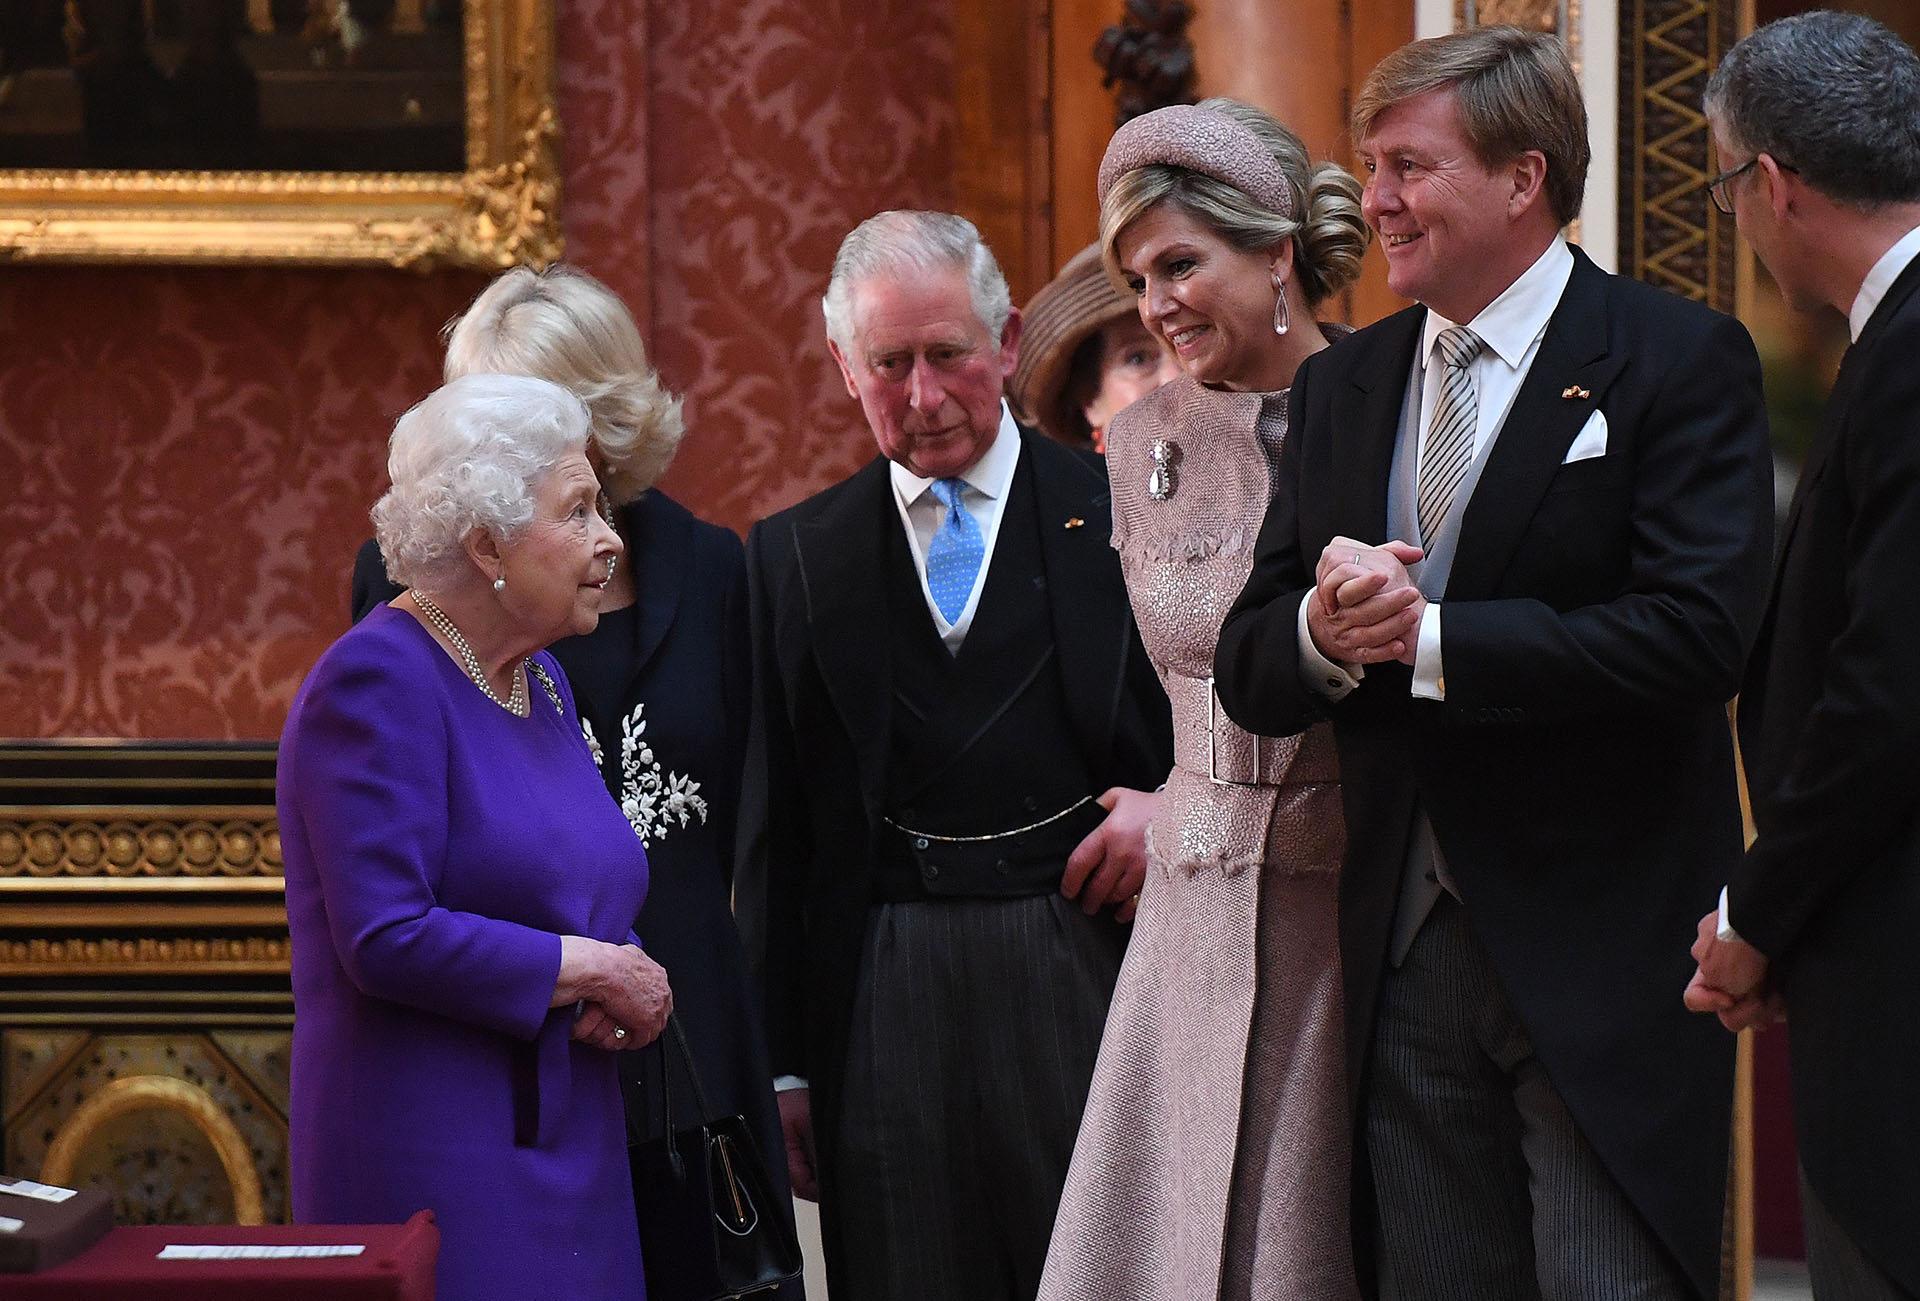 La reina Isabell II junto a los reyes de Holanda y el príncipe Carlos, que estuvo acompañado por su esposa Camila, la duquesa de Cornwall .